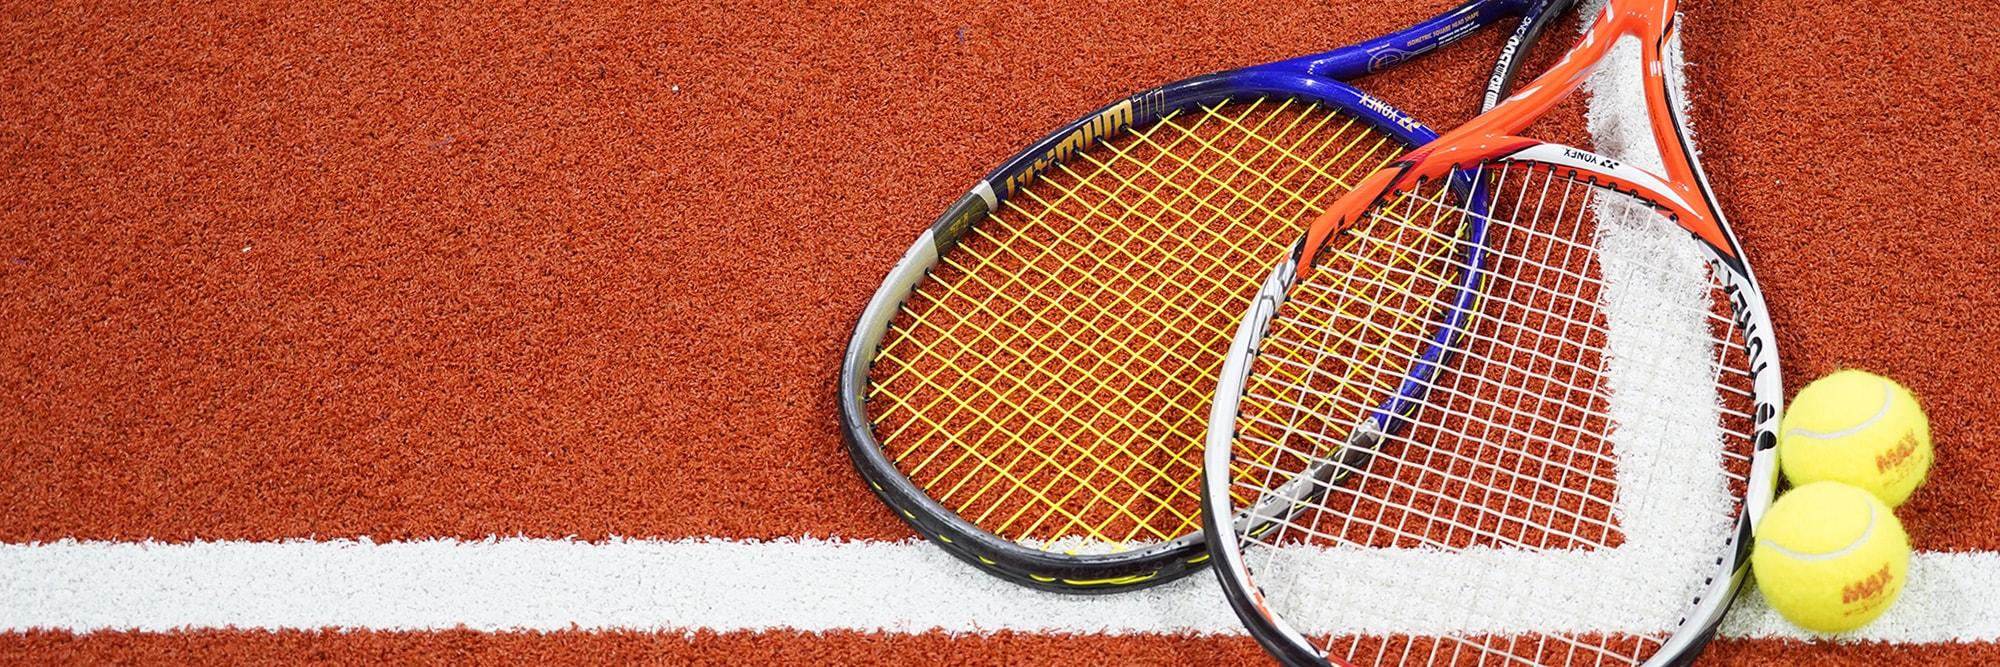 長野市 インドアテニススクール 年末年始イベント